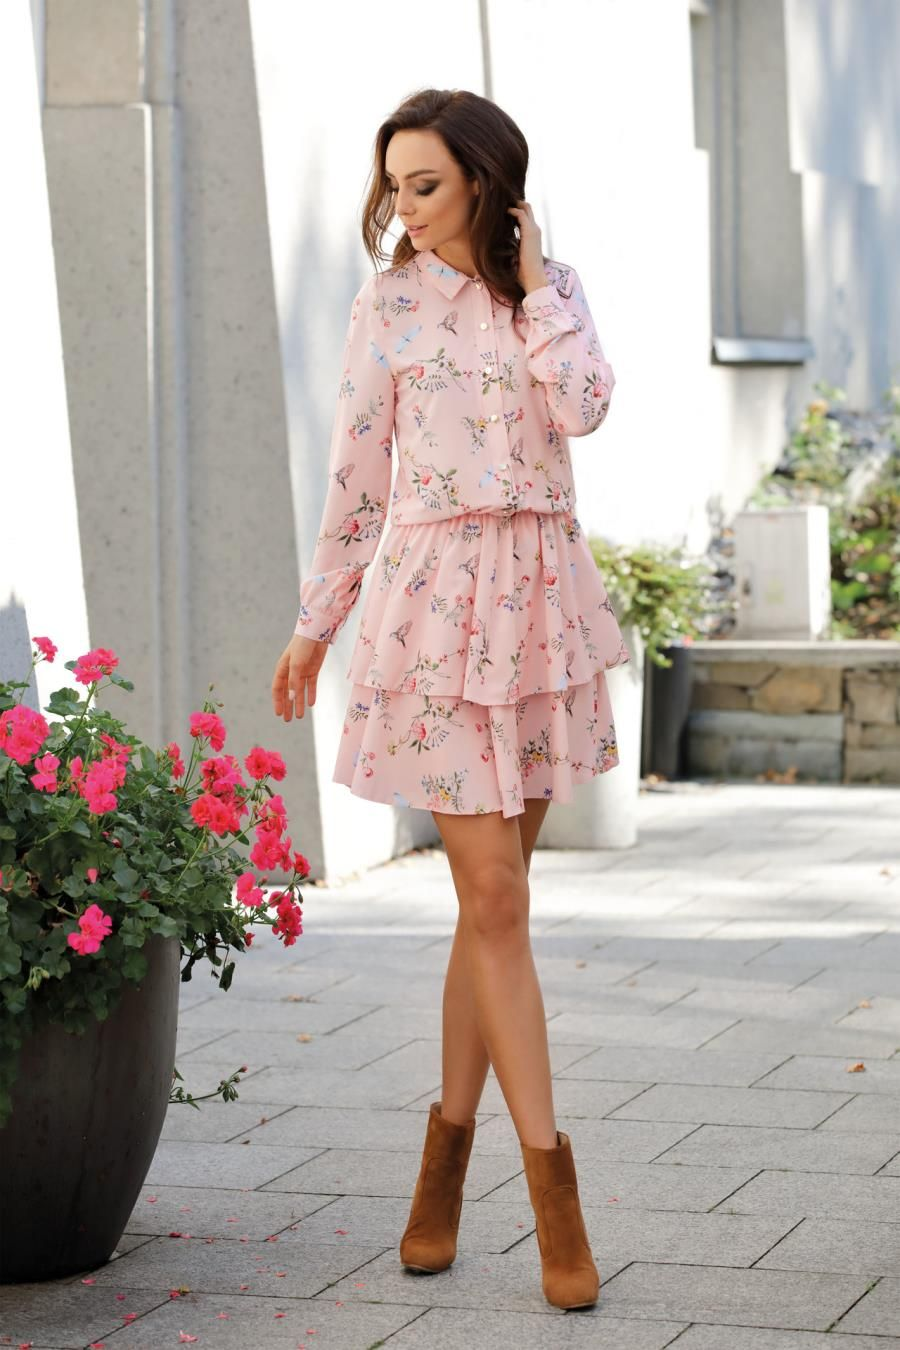 Koszulowa Sukienka Z Kolnierzykiem Rozowa W Kwiatki Lel281 Dresses Flounce Hem Dress High Fashion Trends